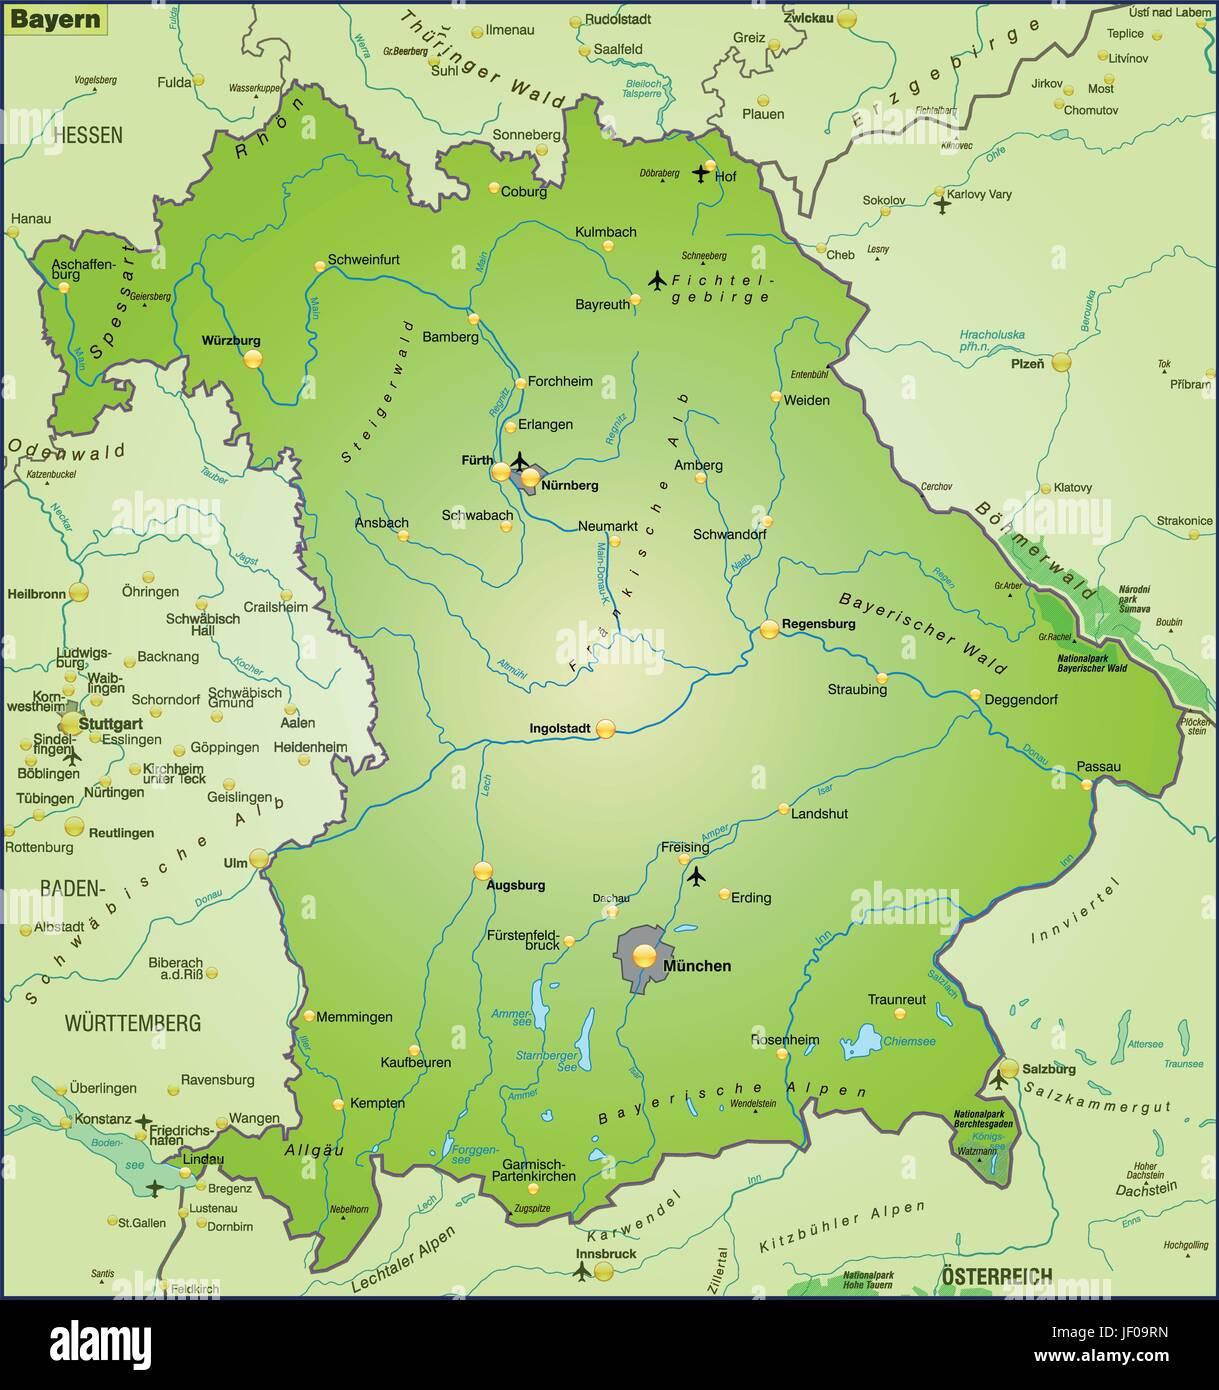 Karte Bayern.Karte Atlas Karte Der Welt Karte Bayern Karte Staat Atlas